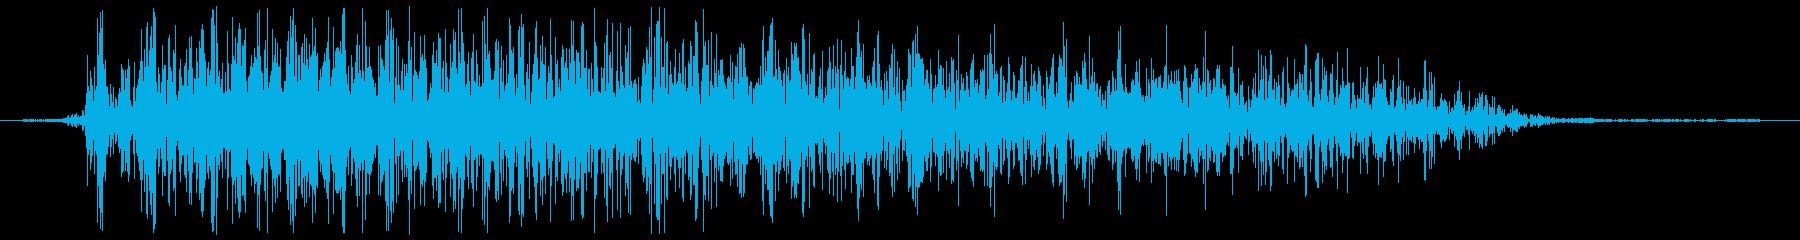 ガオーッ(モンスター、肉食系)の再生済みの波形